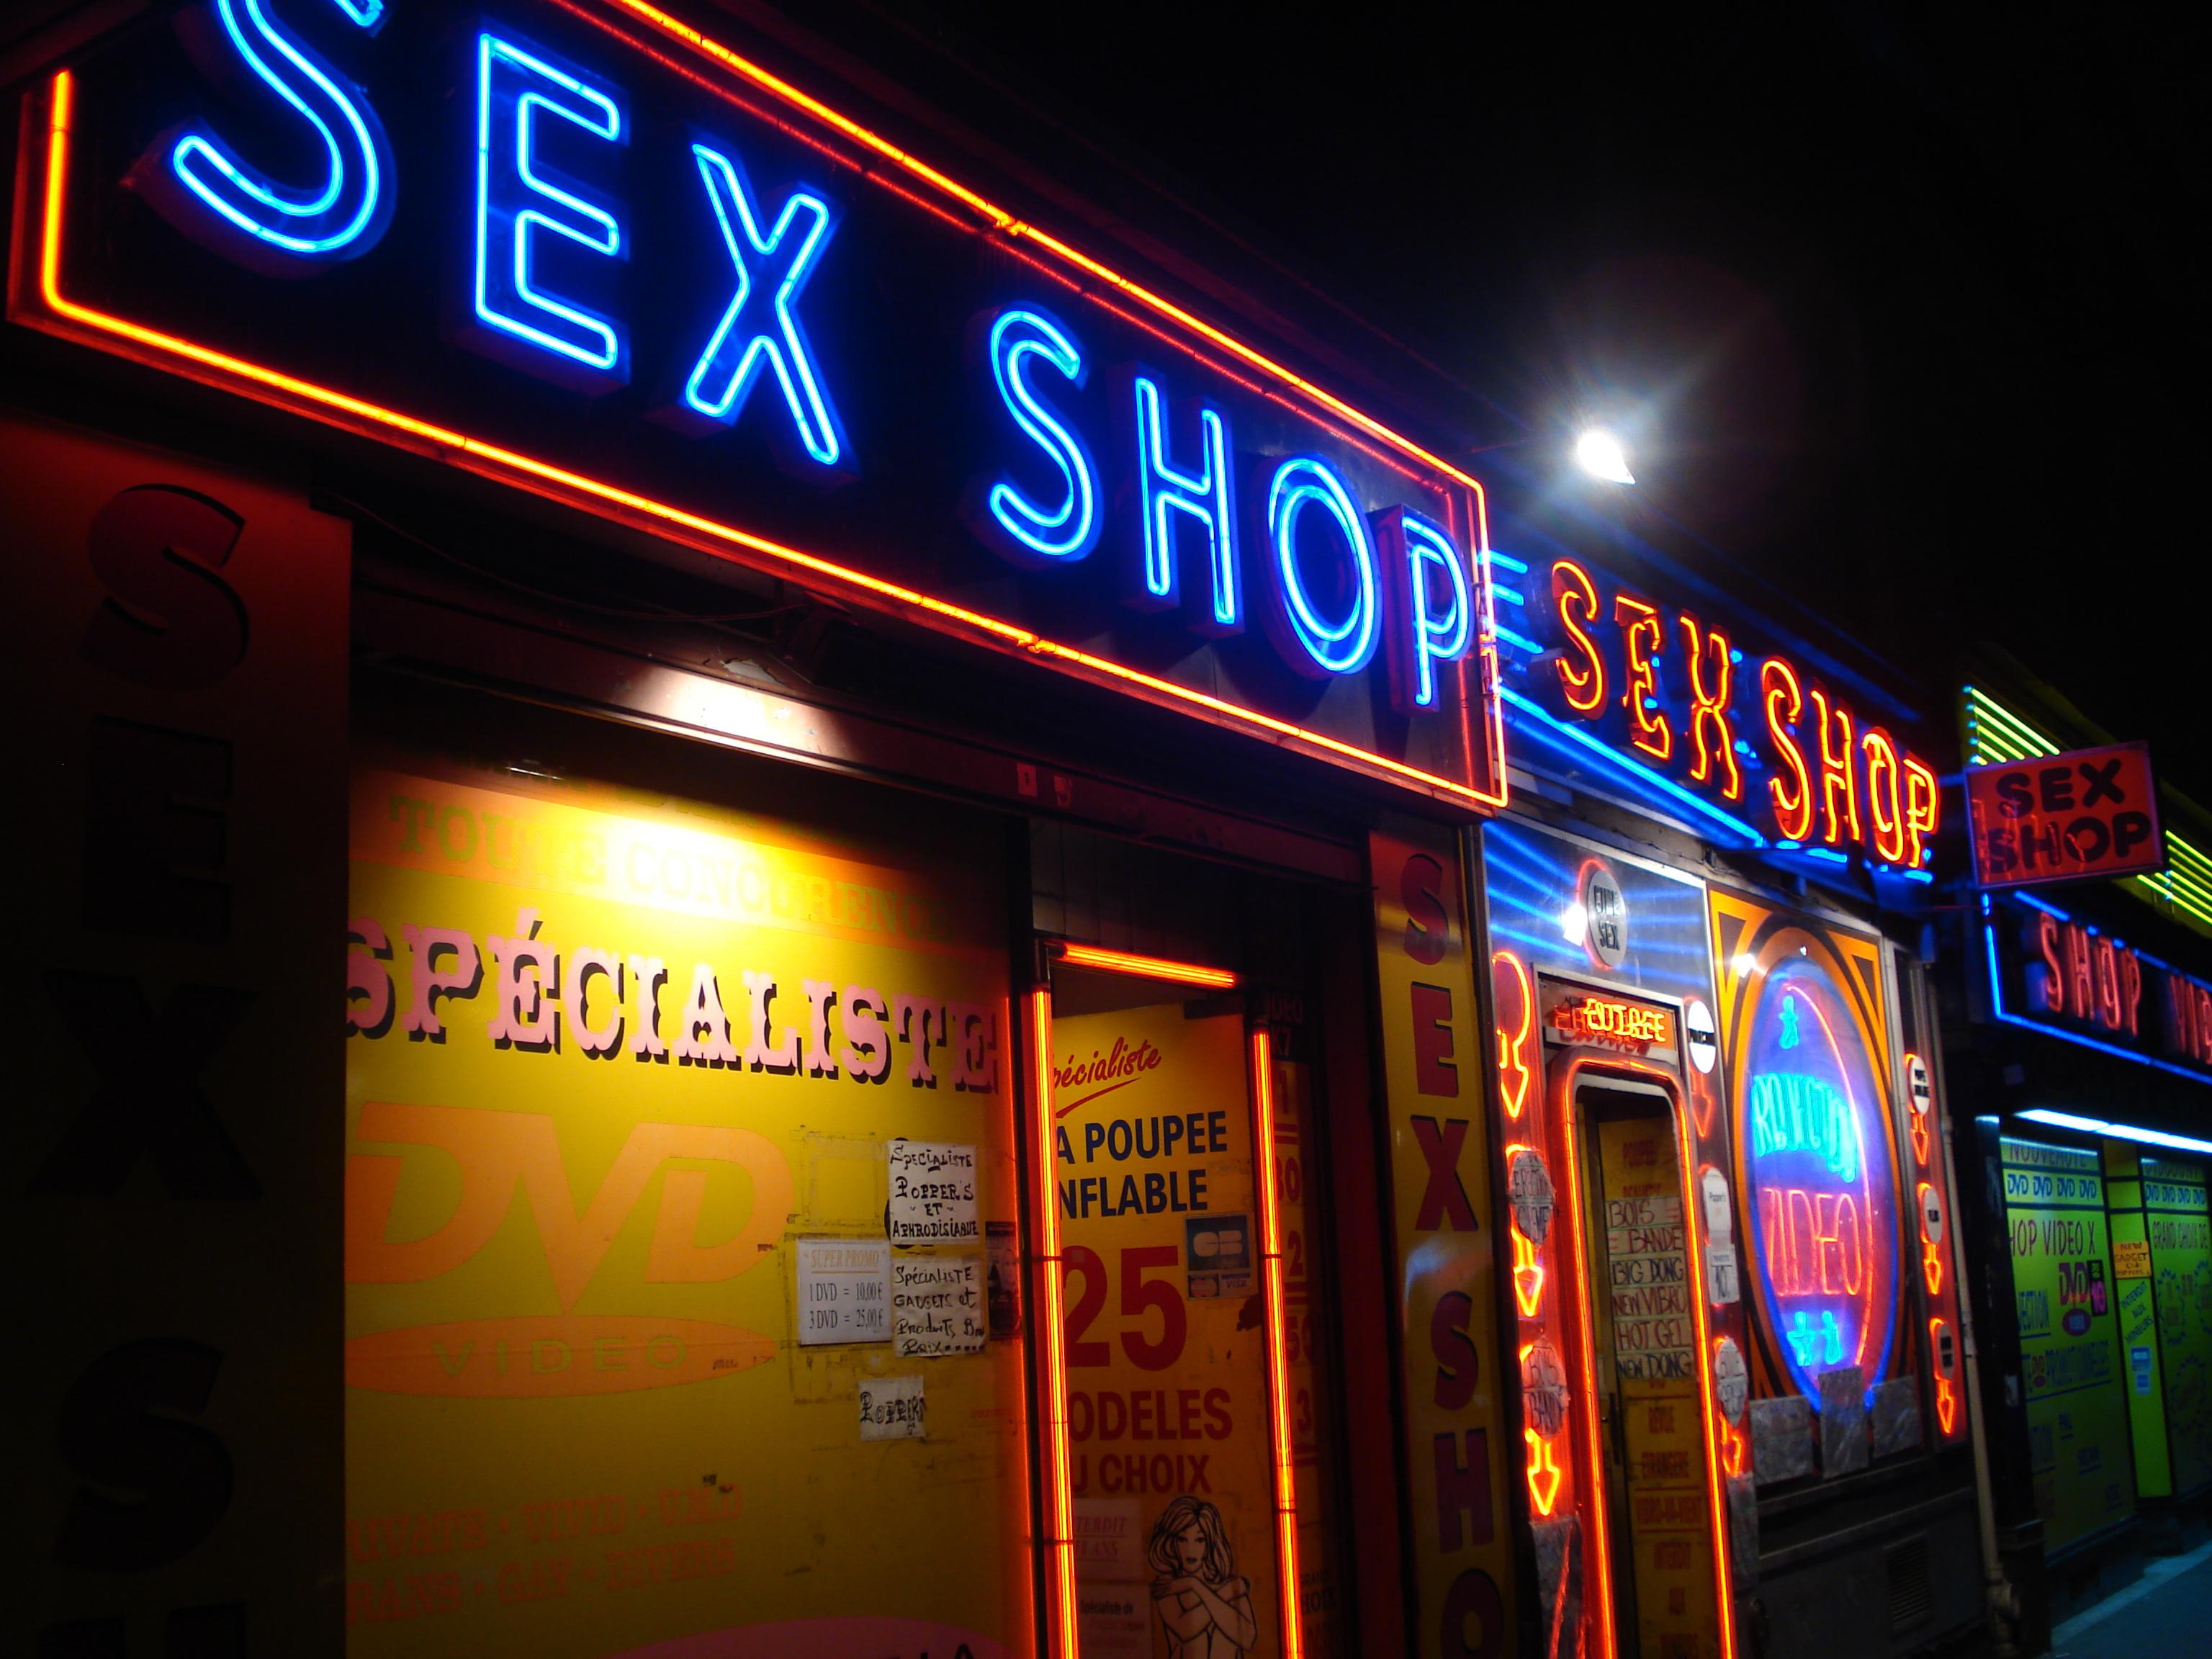 Порноиндустрия - это... Что такое Порноиндустрия?